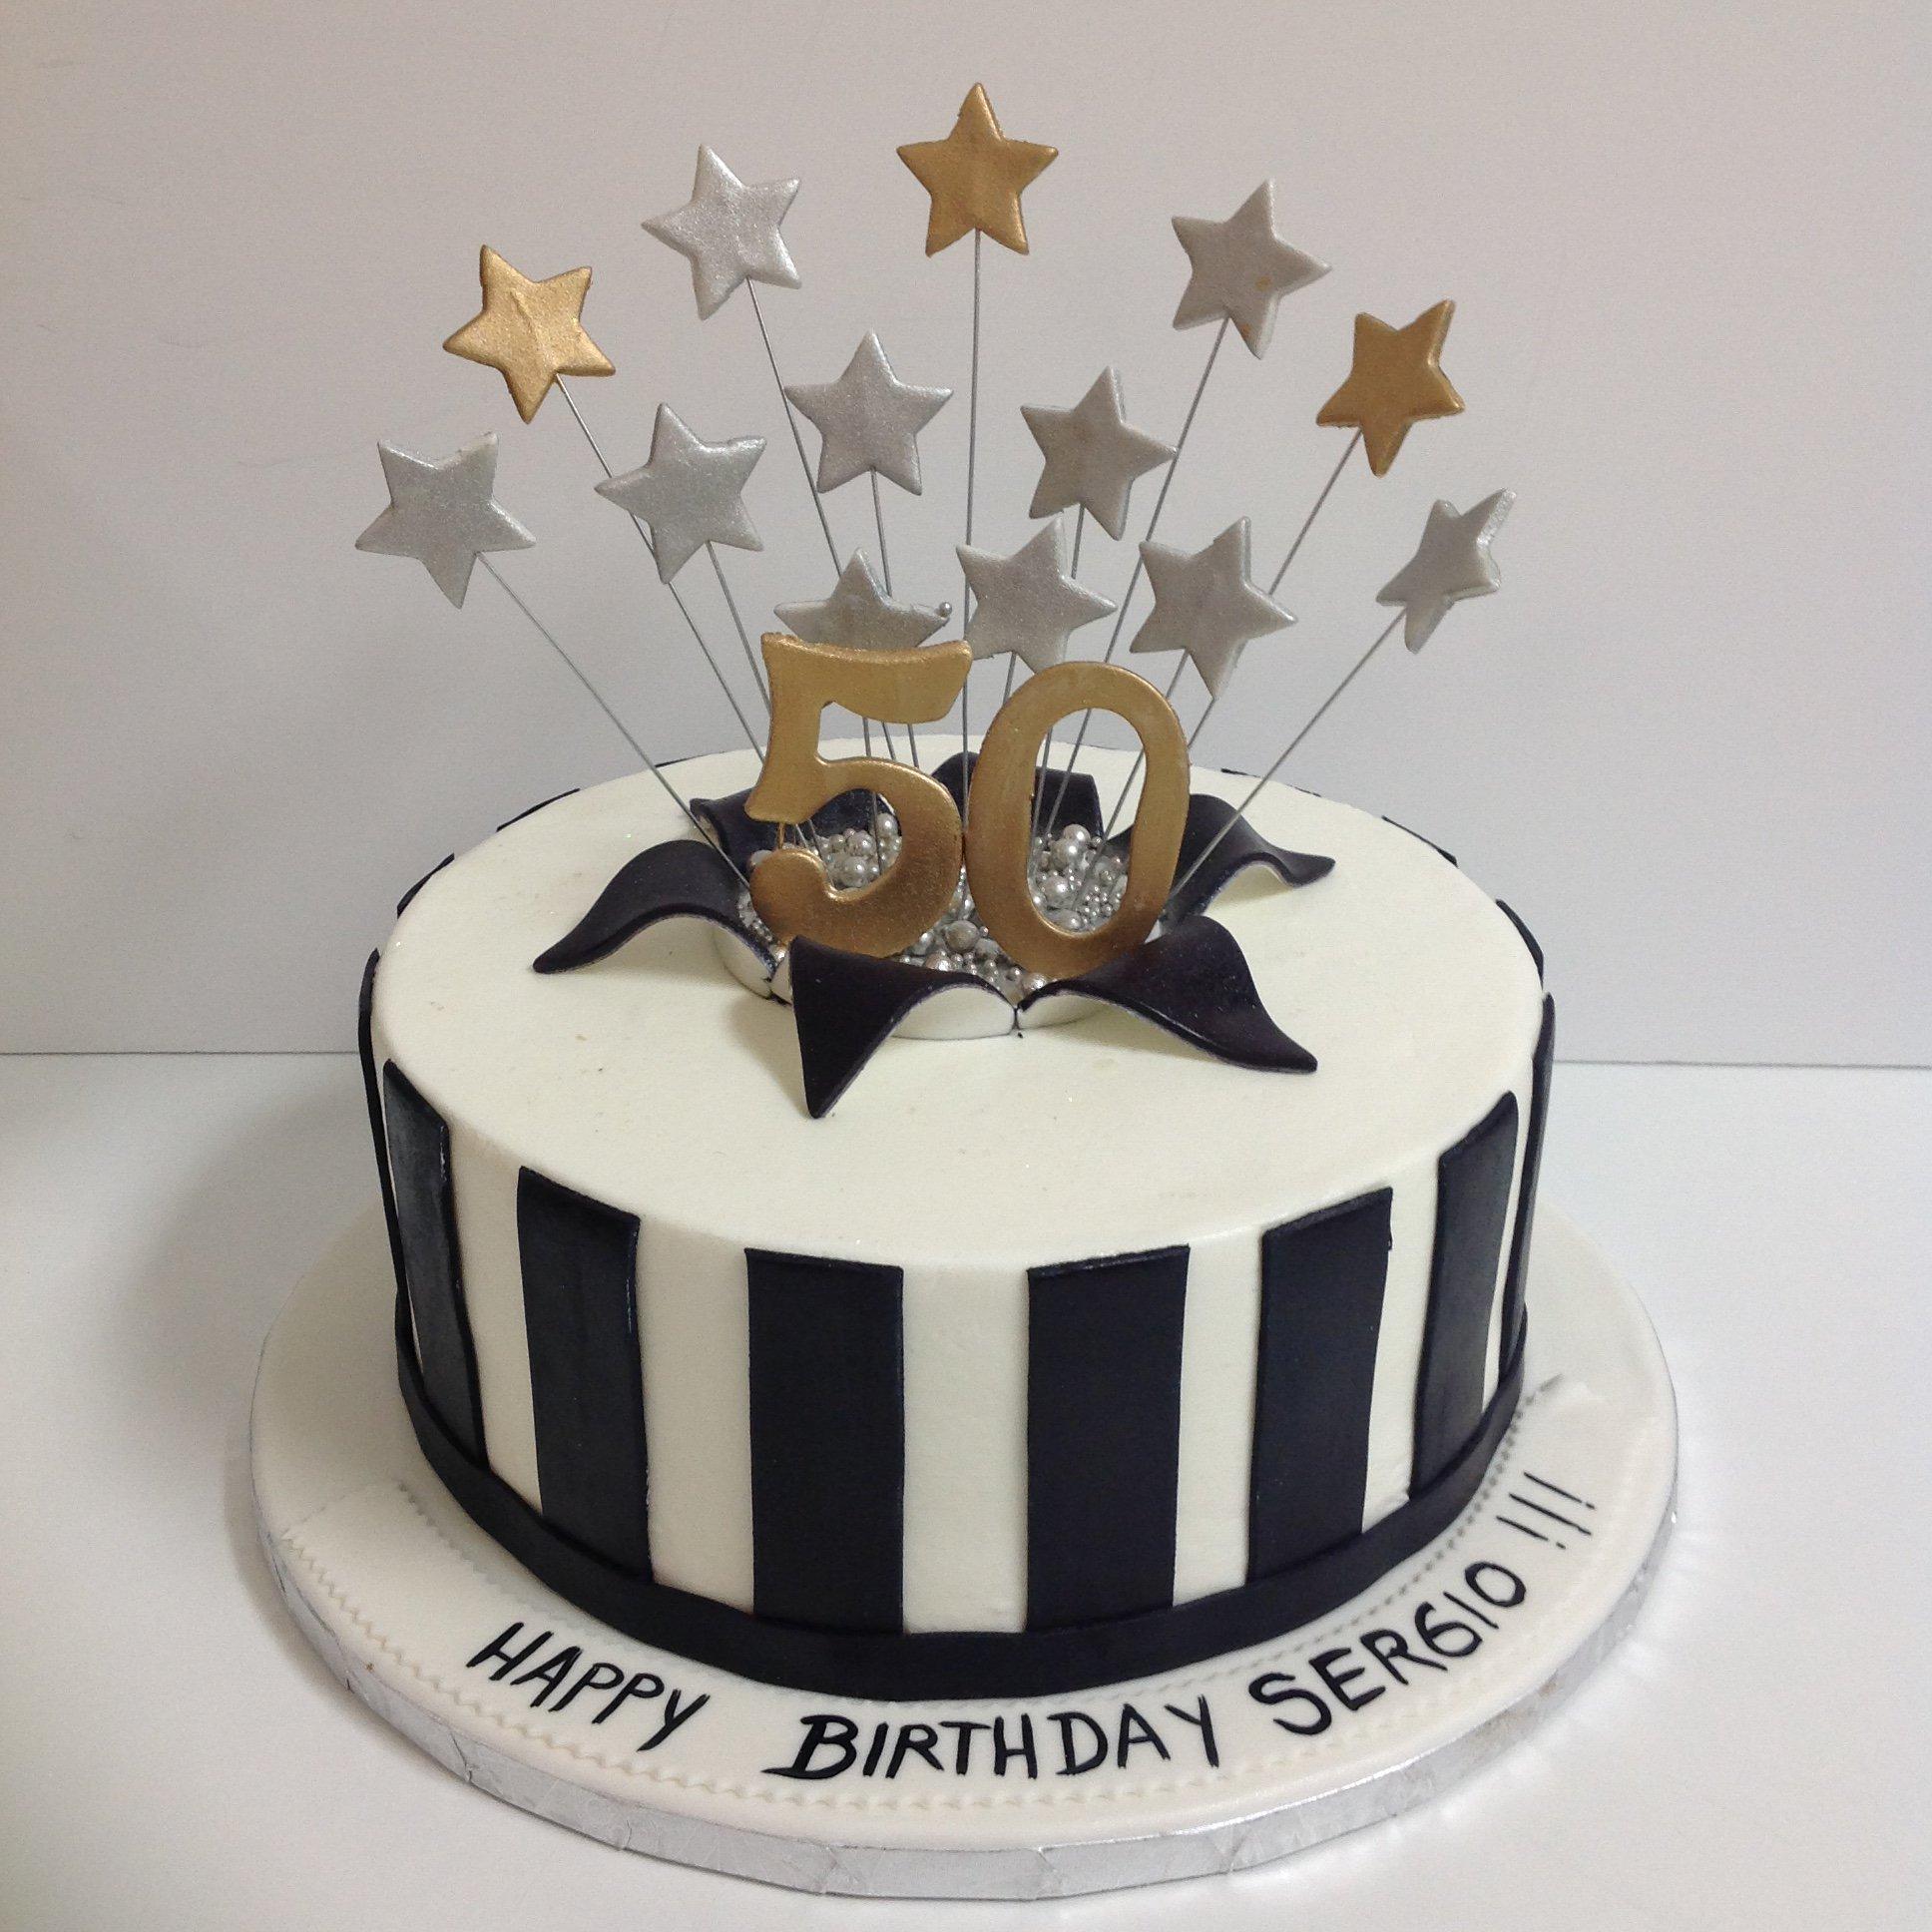 Tinas original cakes on twitter torta de cumplea os para - Cumpleanos 50 anos hombre ...